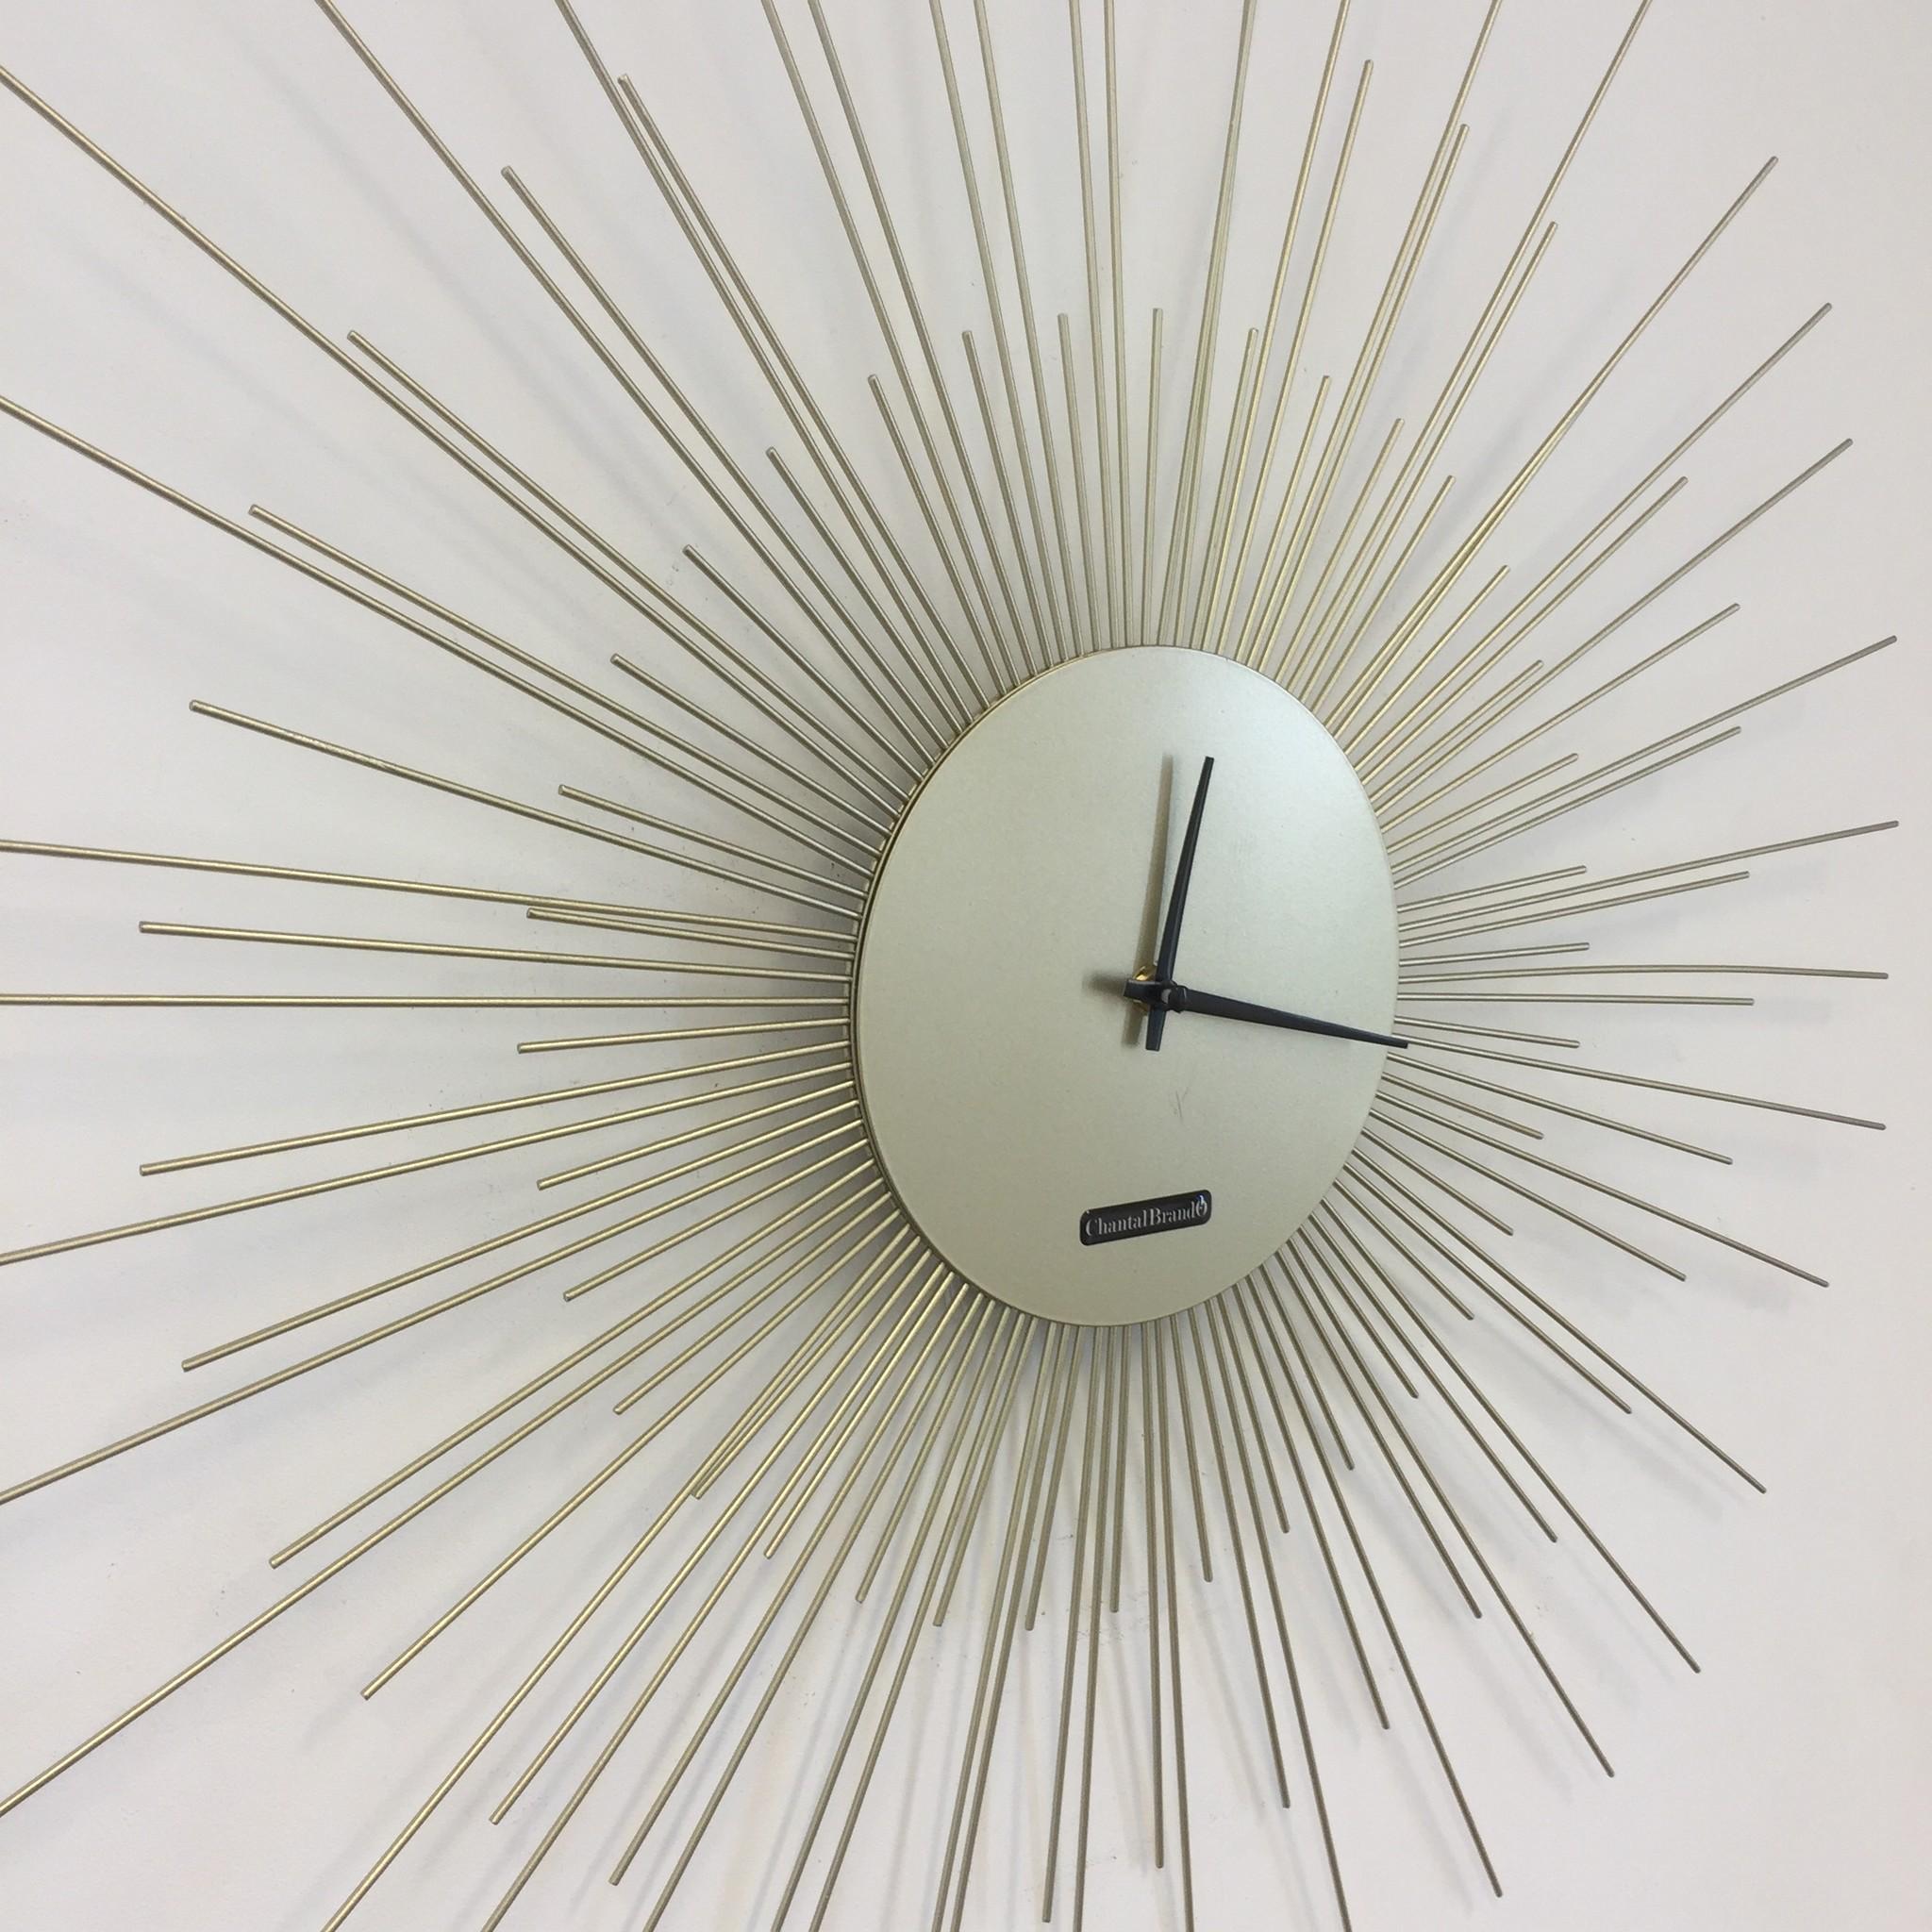 ChantalBrandO Wandklok Le Roi Soleil Modern Design